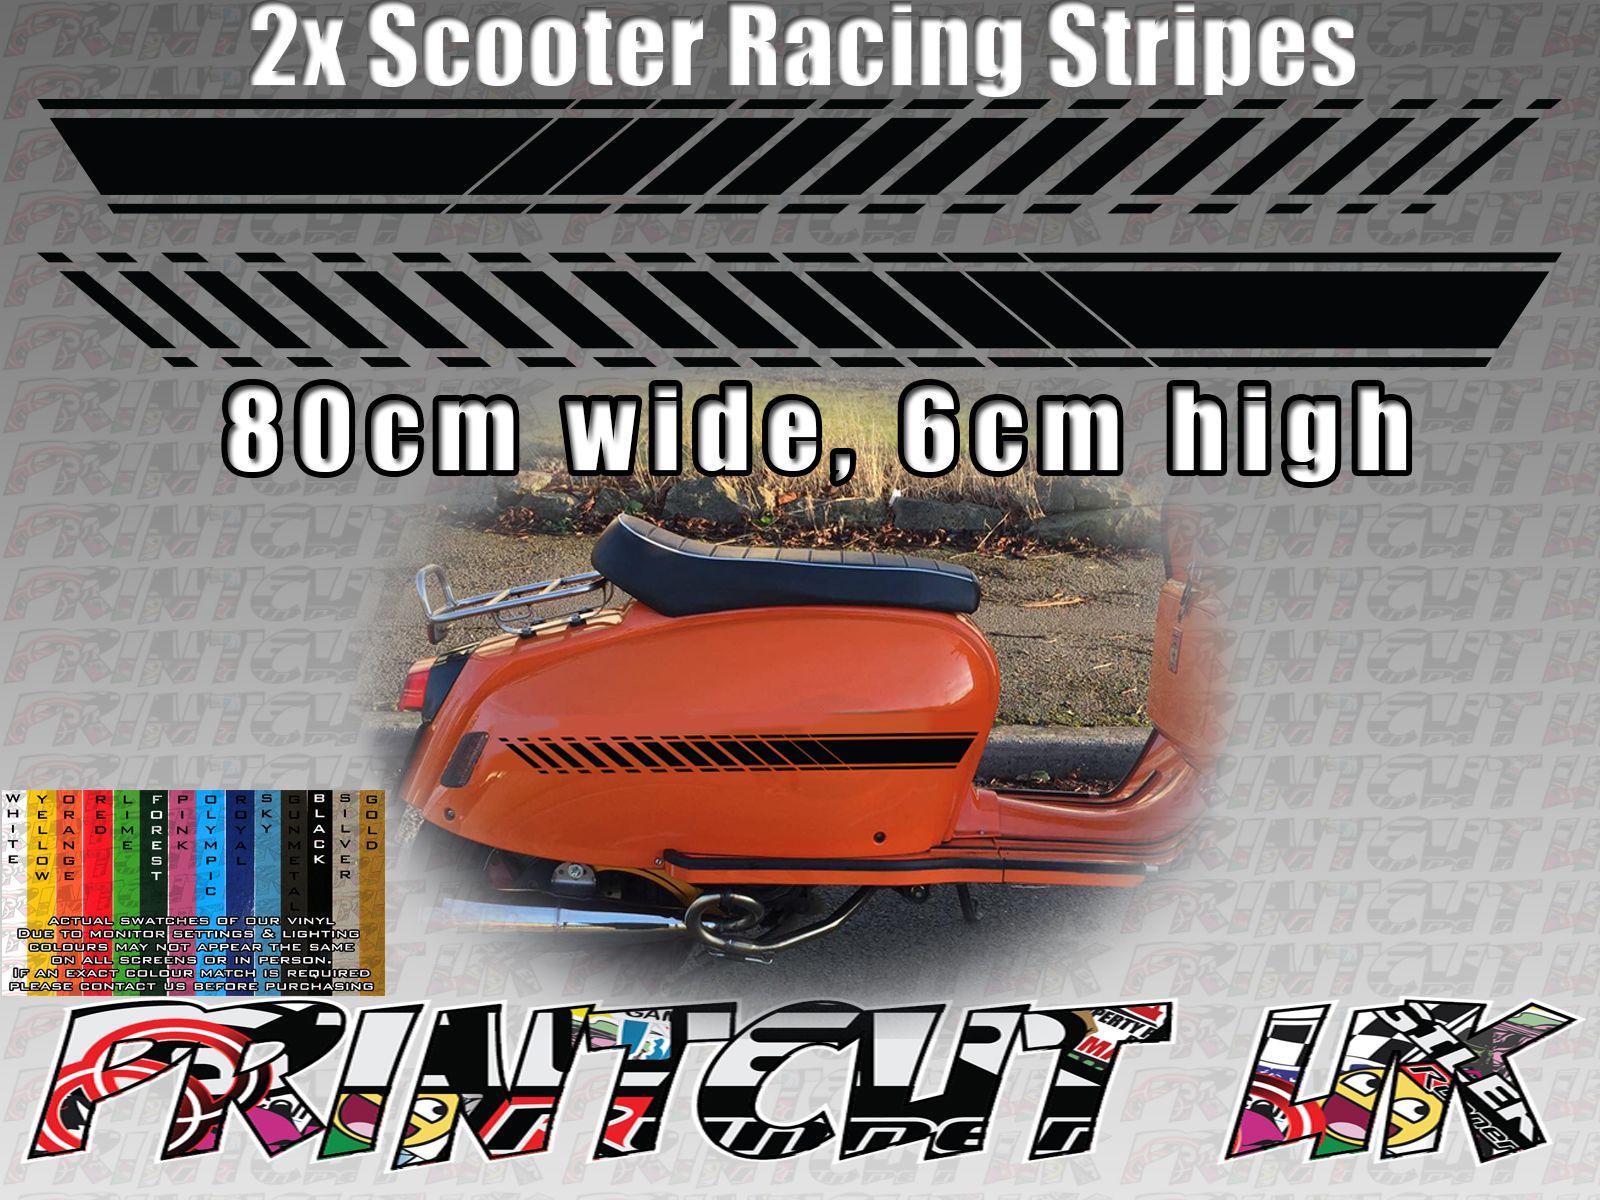 Scooter racing stripes stickers for scomadi vespa lambretta